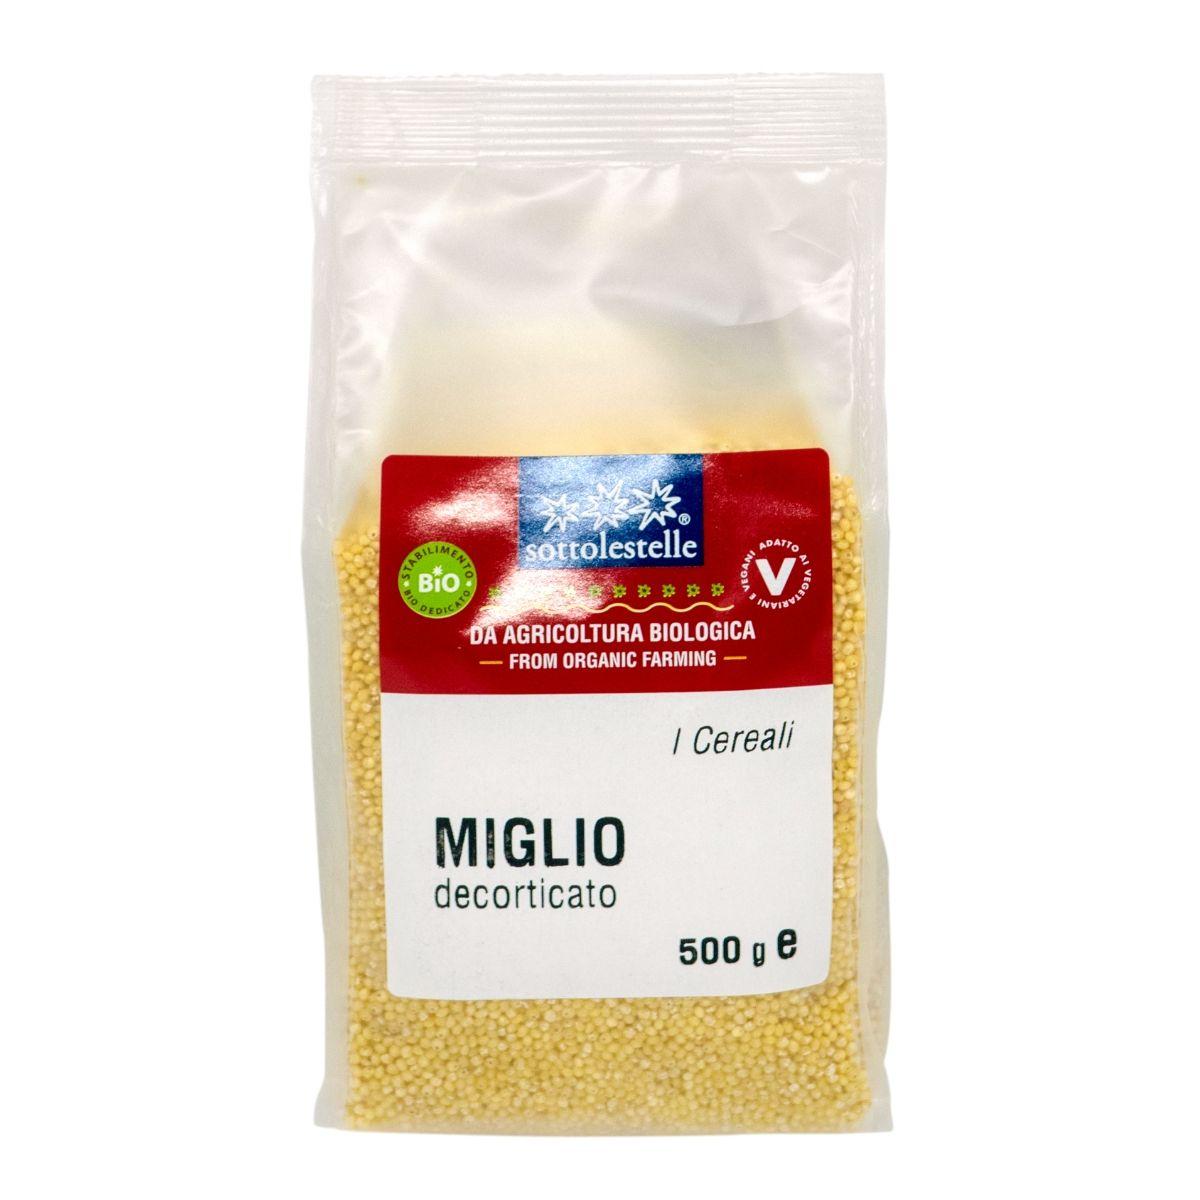 8032454070317 A Hạt kê hữu cơ đã bóc vỏ Sotto 500g - Miglio decorticato